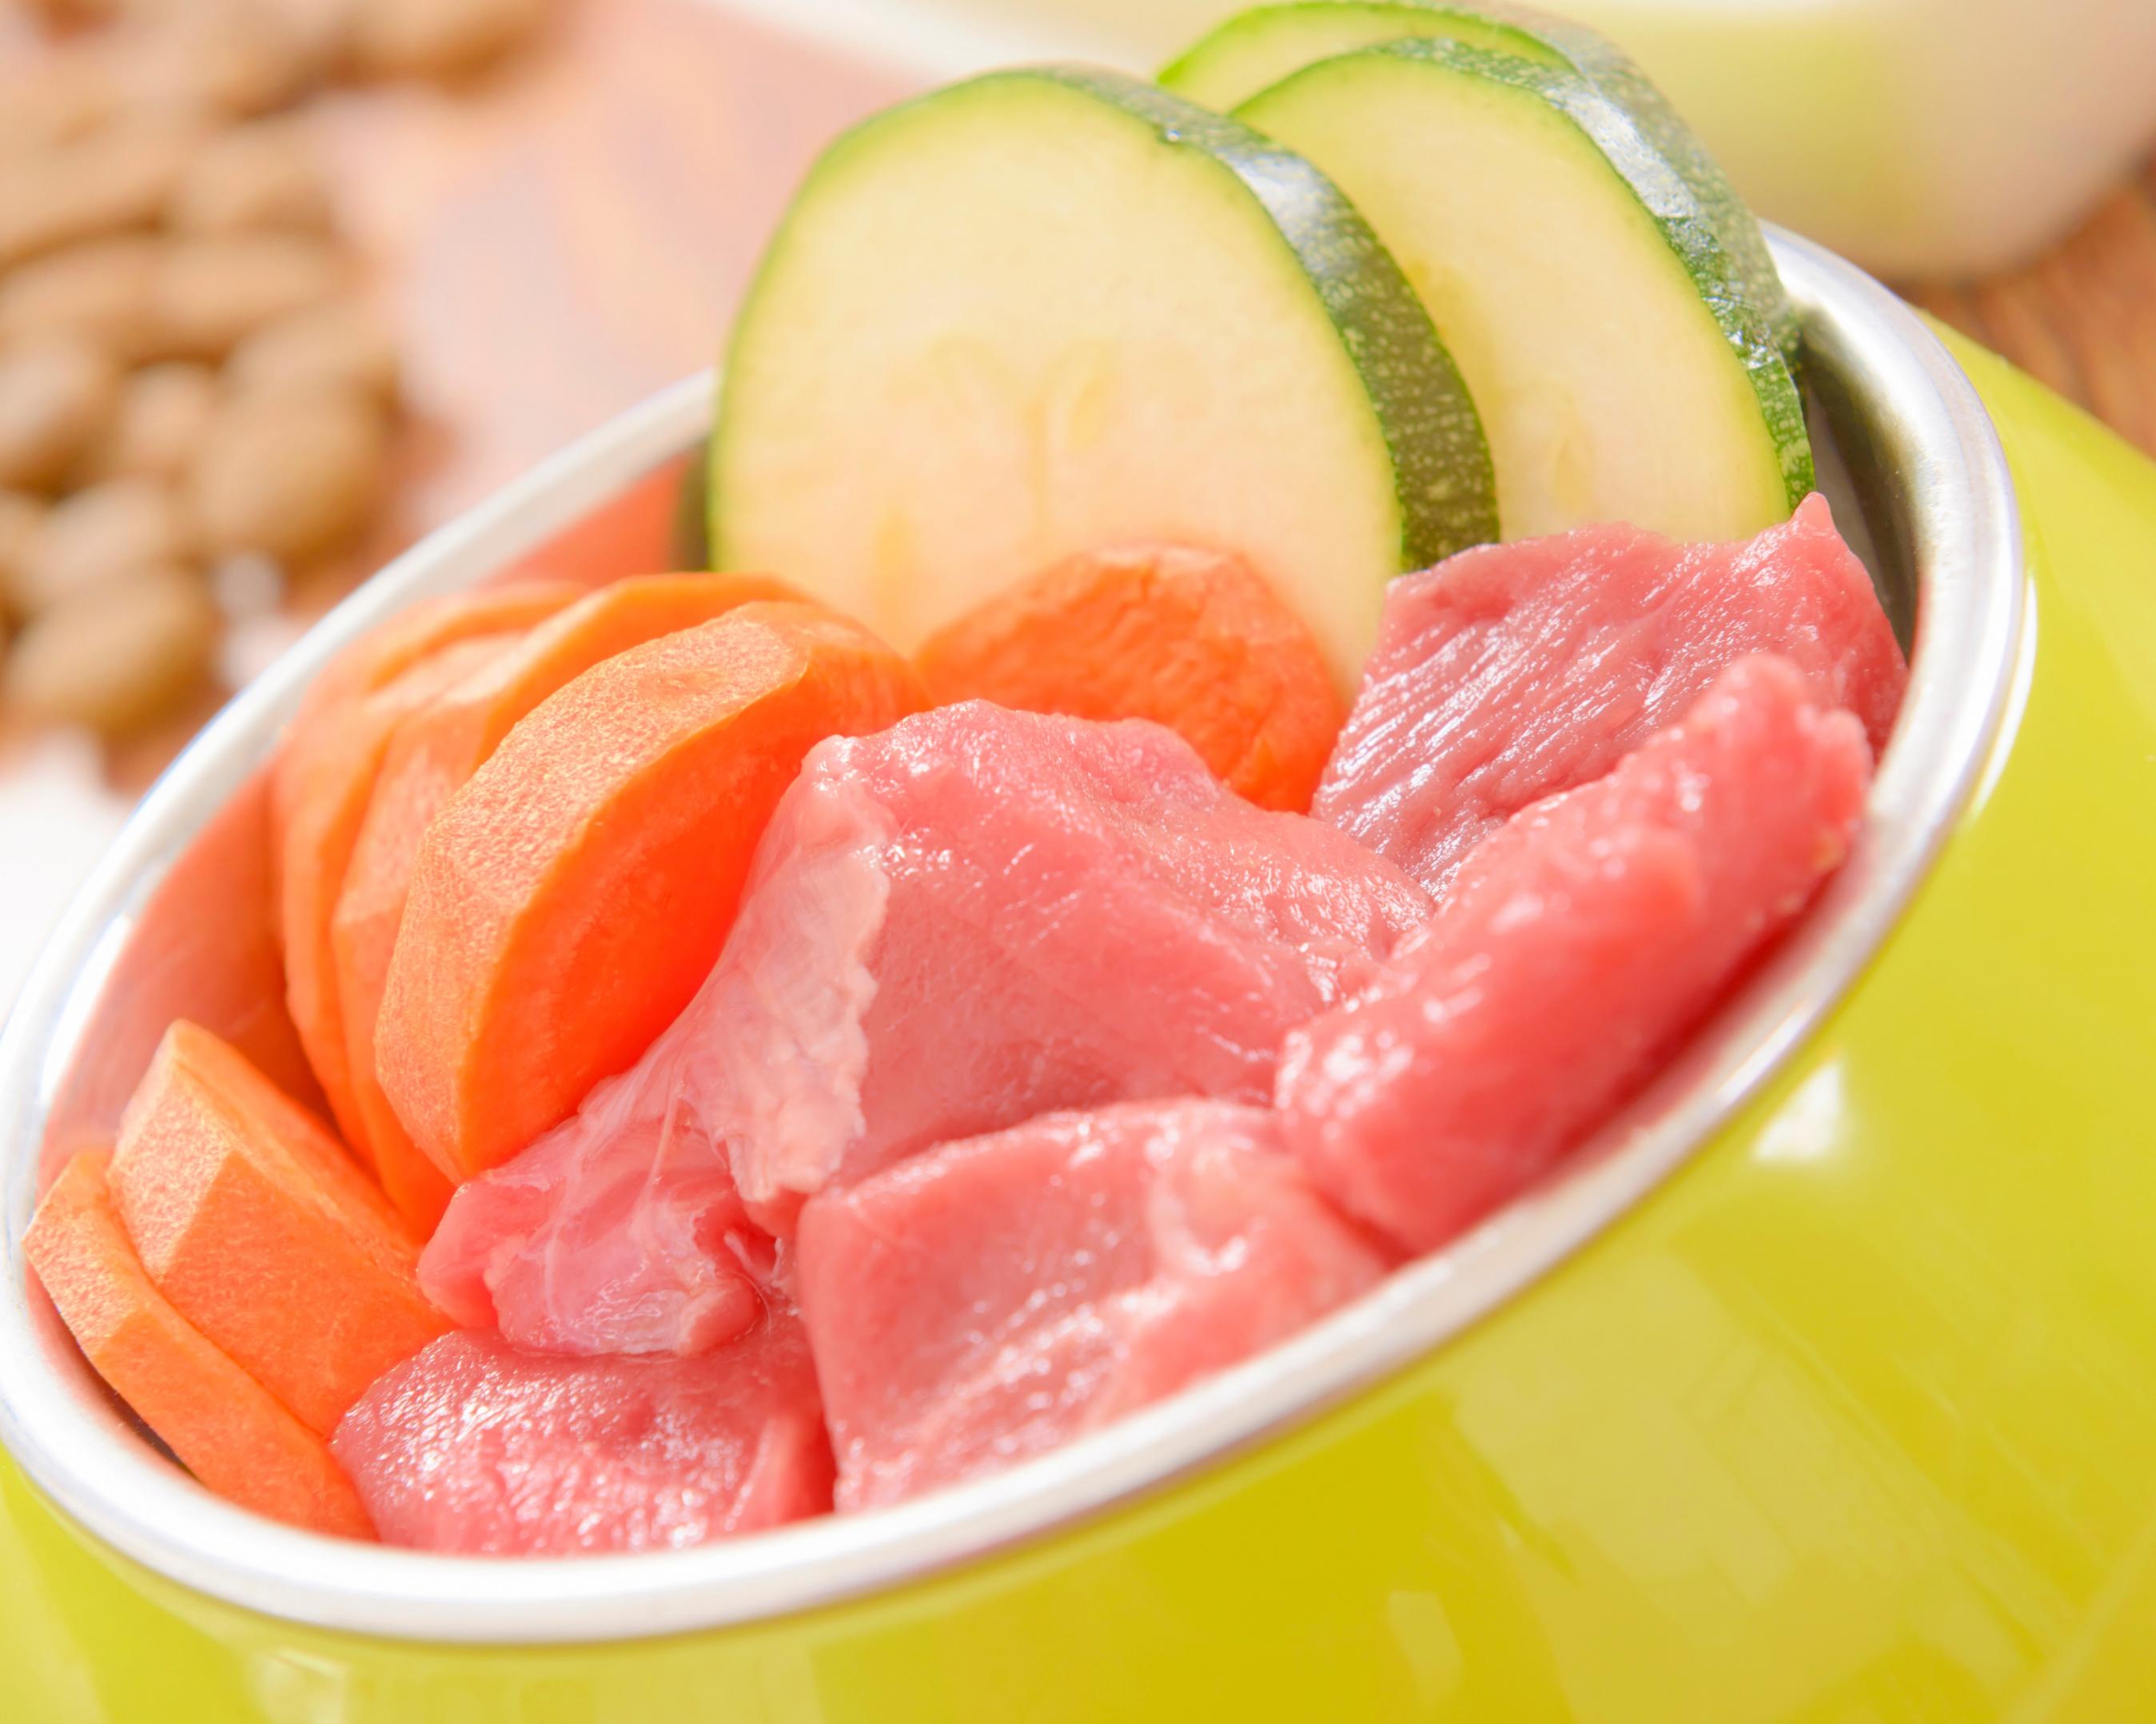 comida natural e saudável para cão